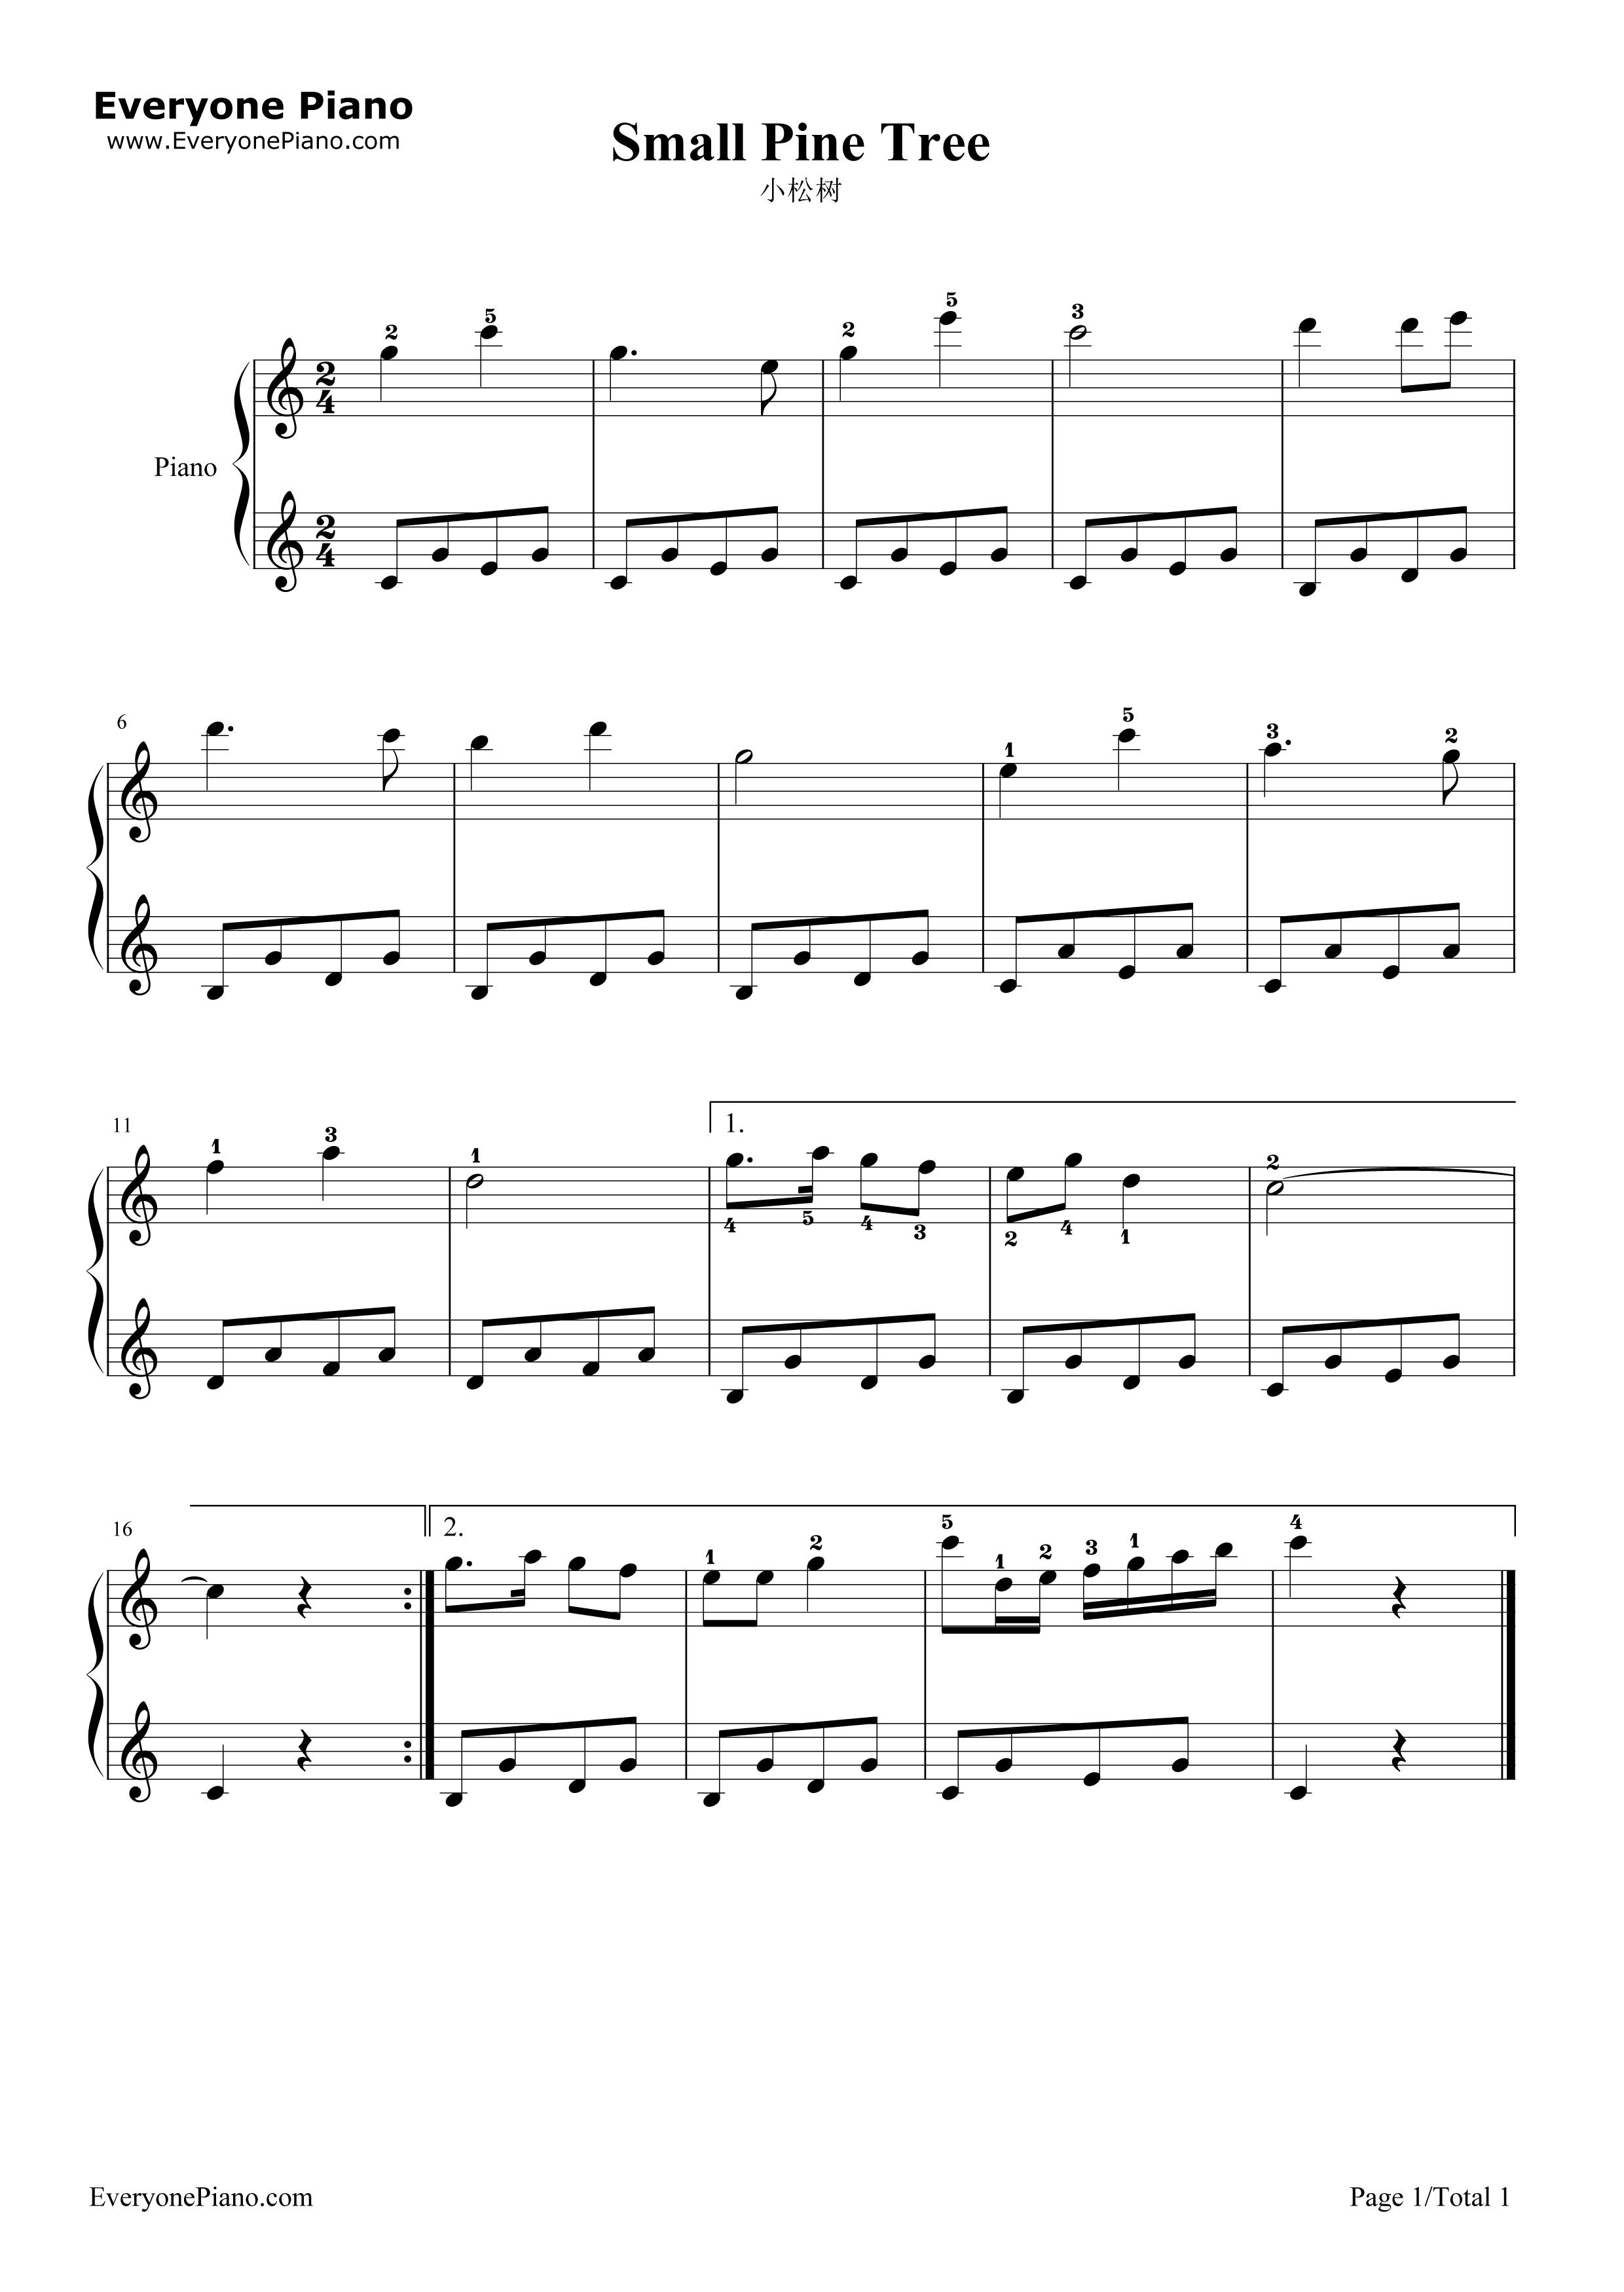 钢琴曲谱 儿歌 小松树 小松树五线谱预览1  }  仅供学习交流使用!